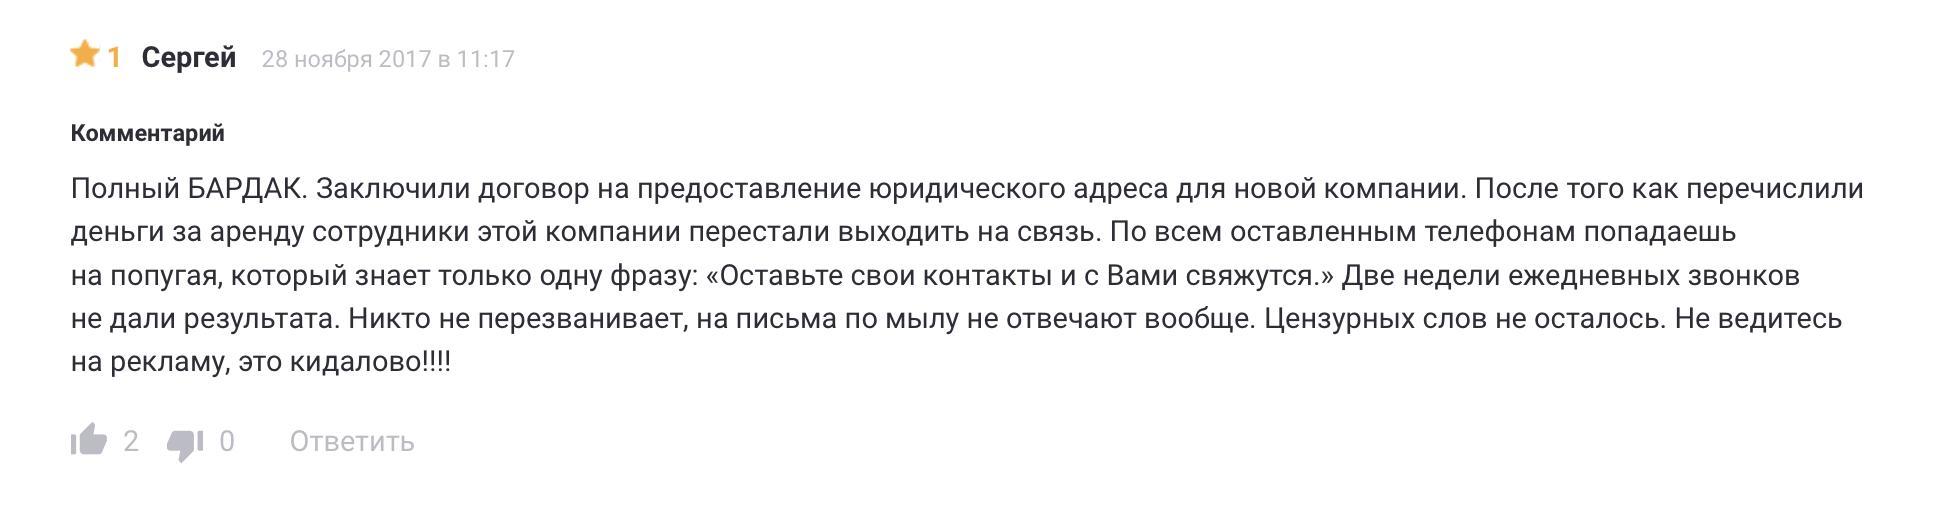 Отрицательный отзыв Сергея о работе «Экспресс Регистратора»